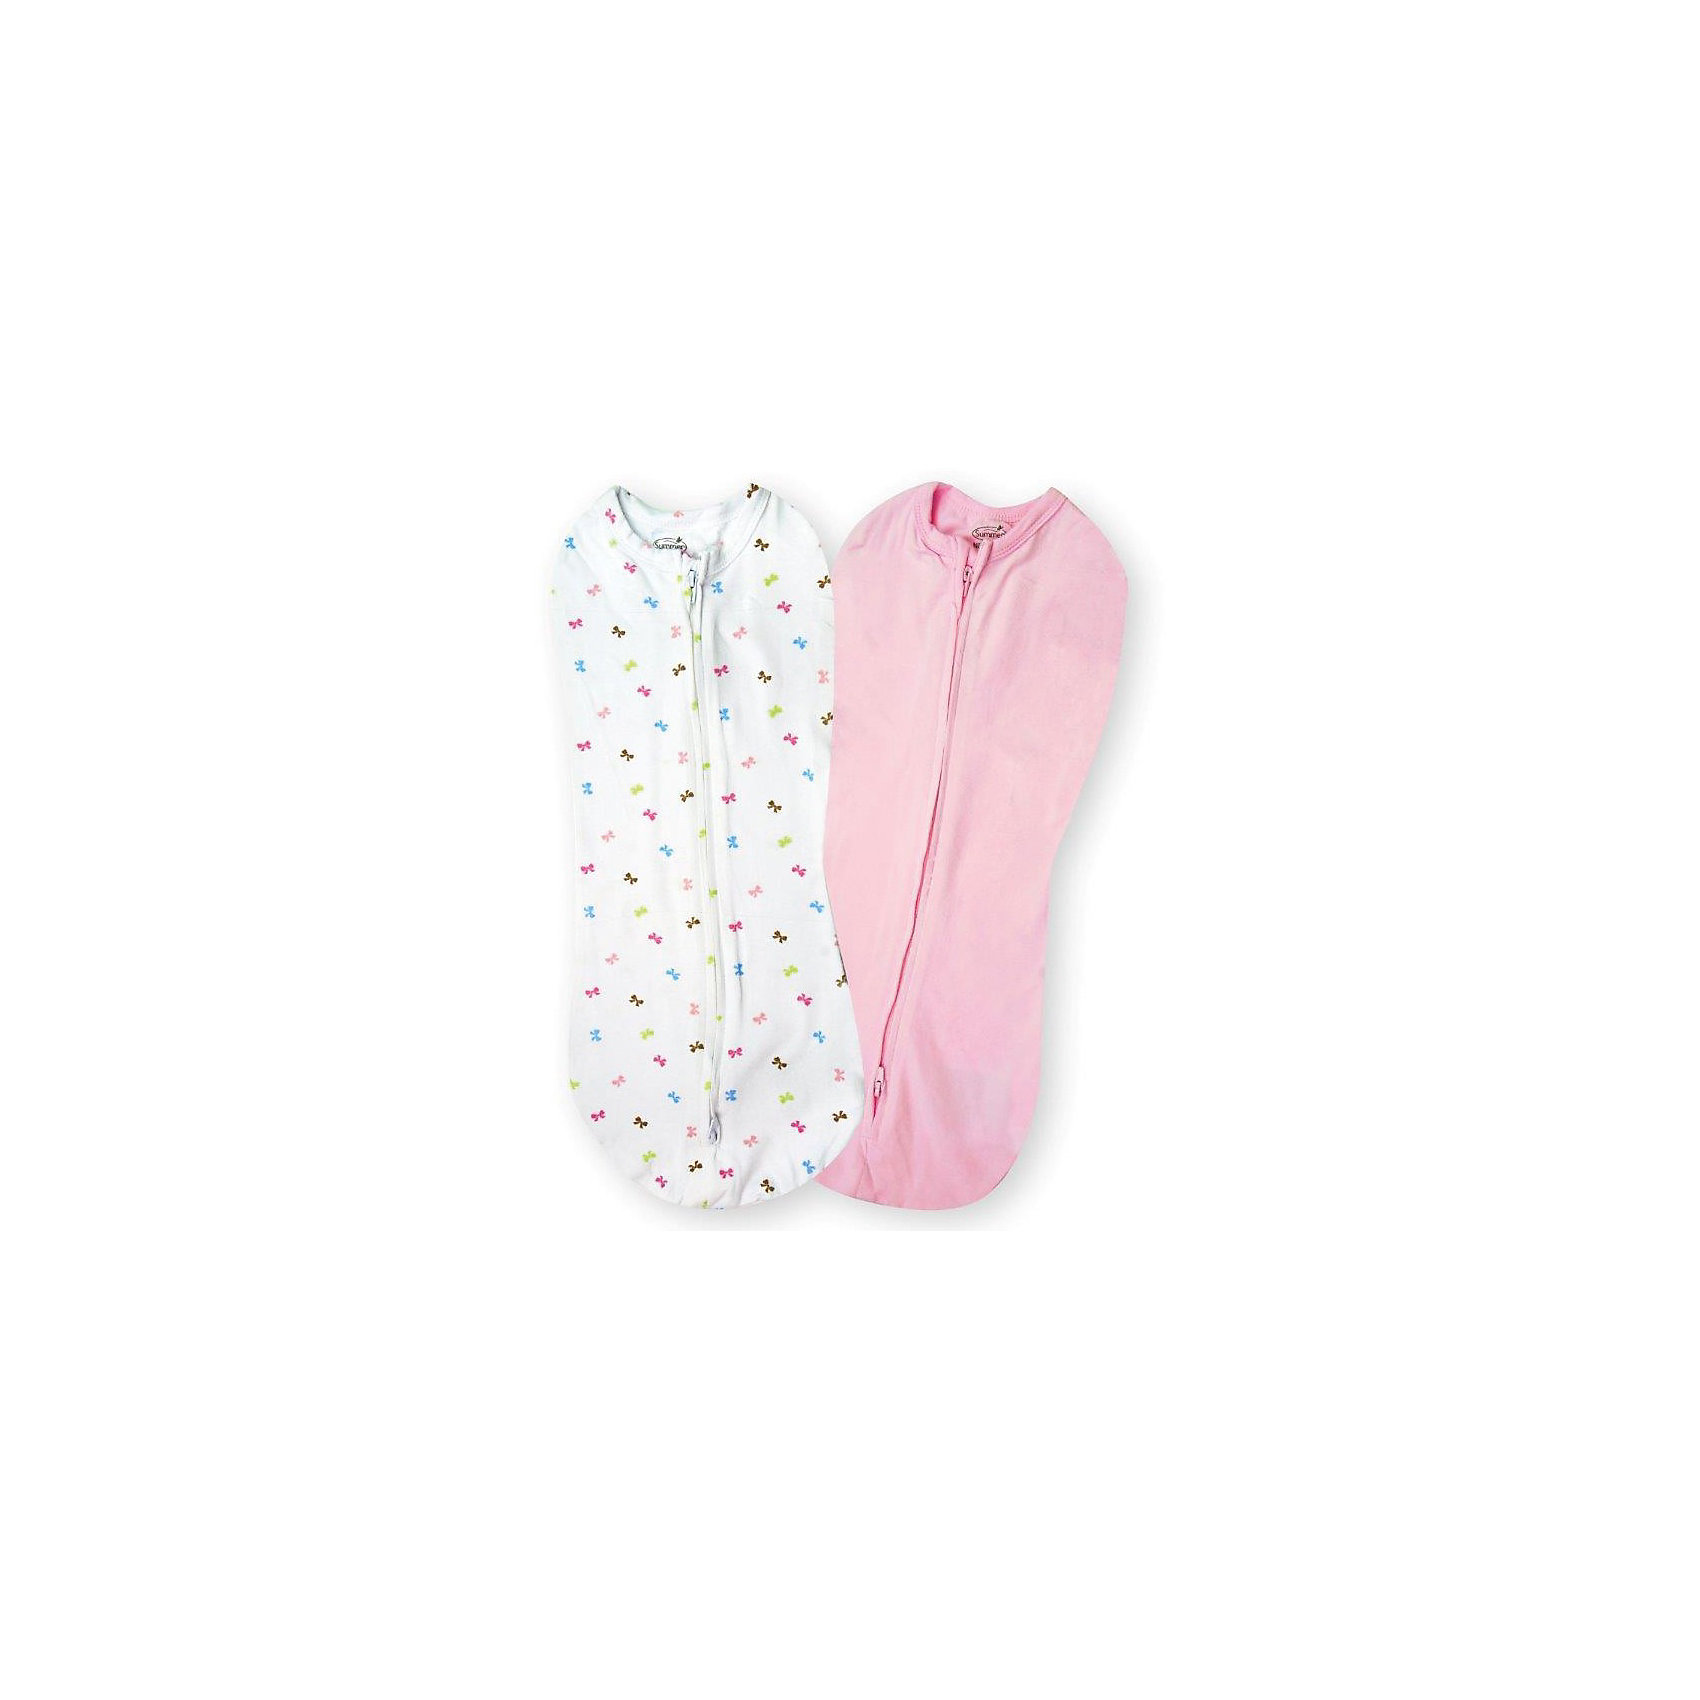 Конверт для пеленания на молнии для девочек, SWADDLEPOD, р-р S, 2-4,5 кг., 2 шт.